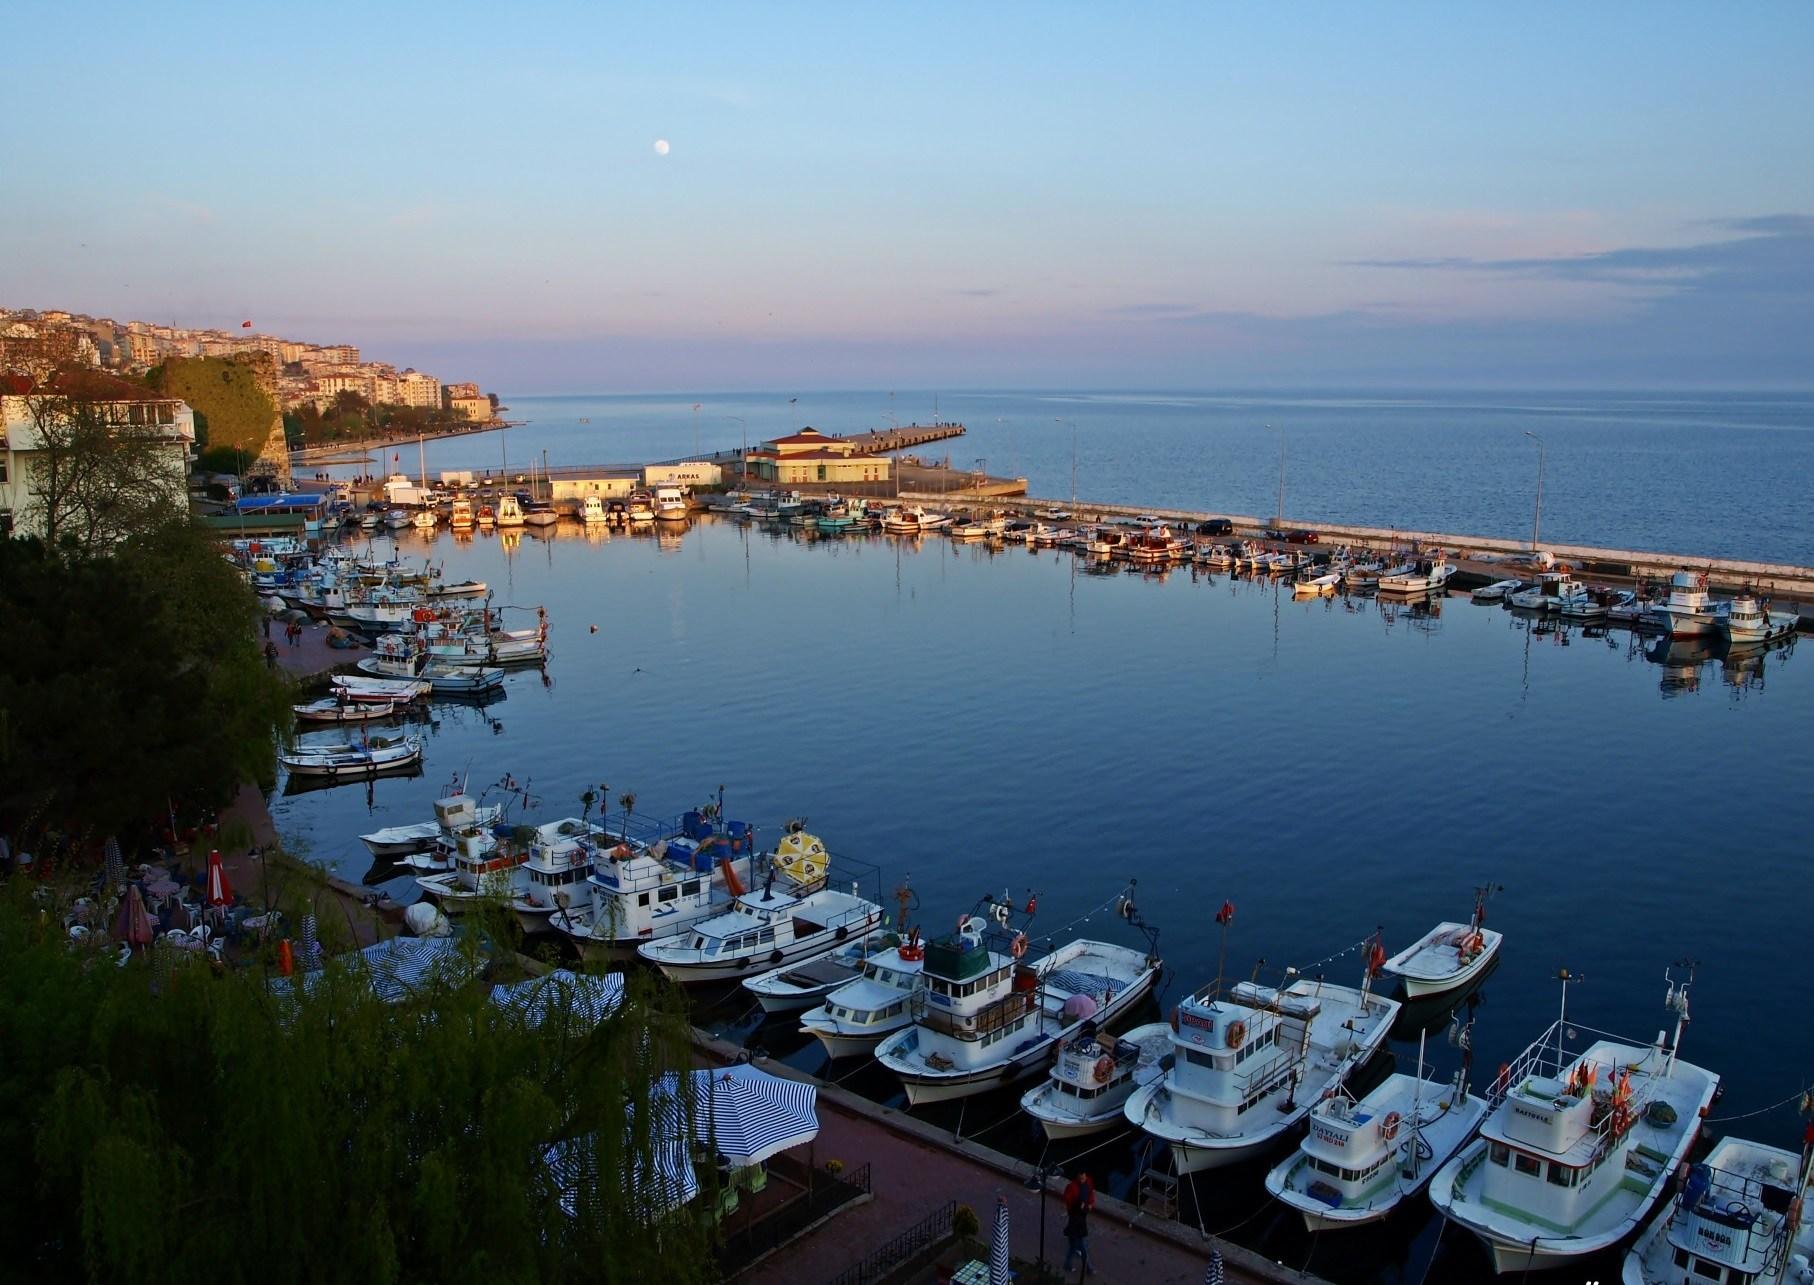 ميناء أق ليمان